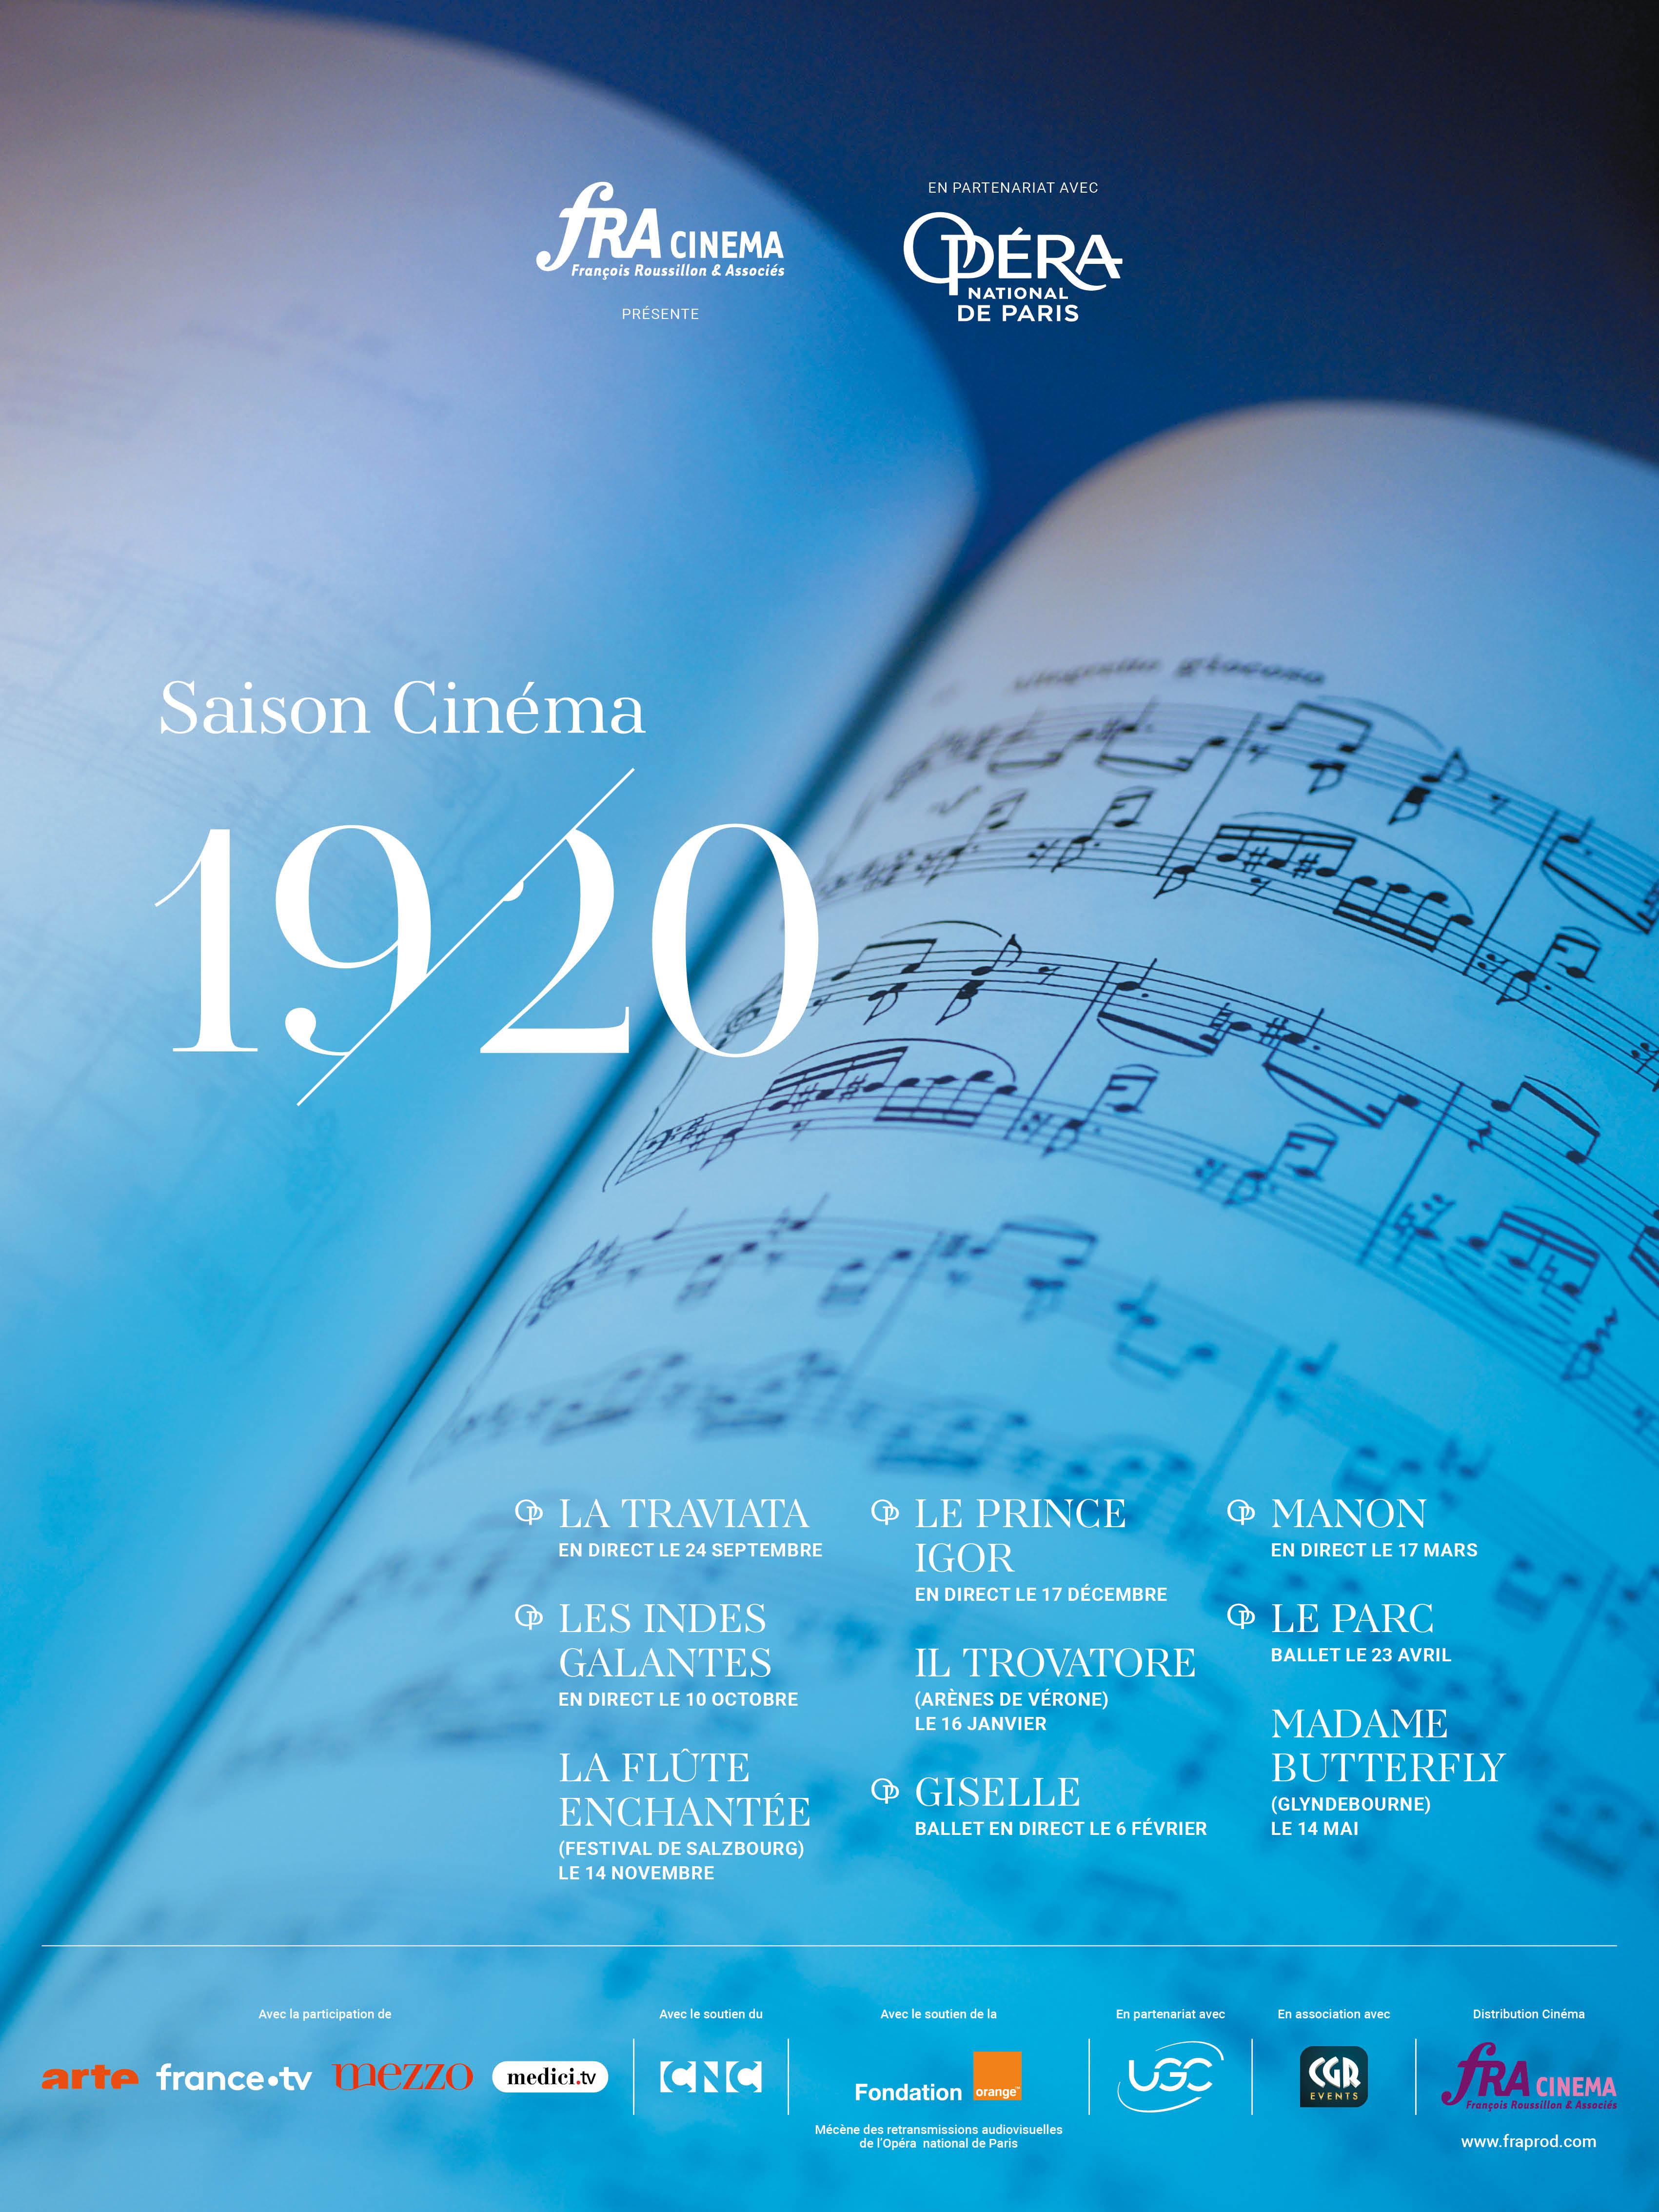 Image du film Il Trovatore (Arènes de Vérone-FRA Cinéma)